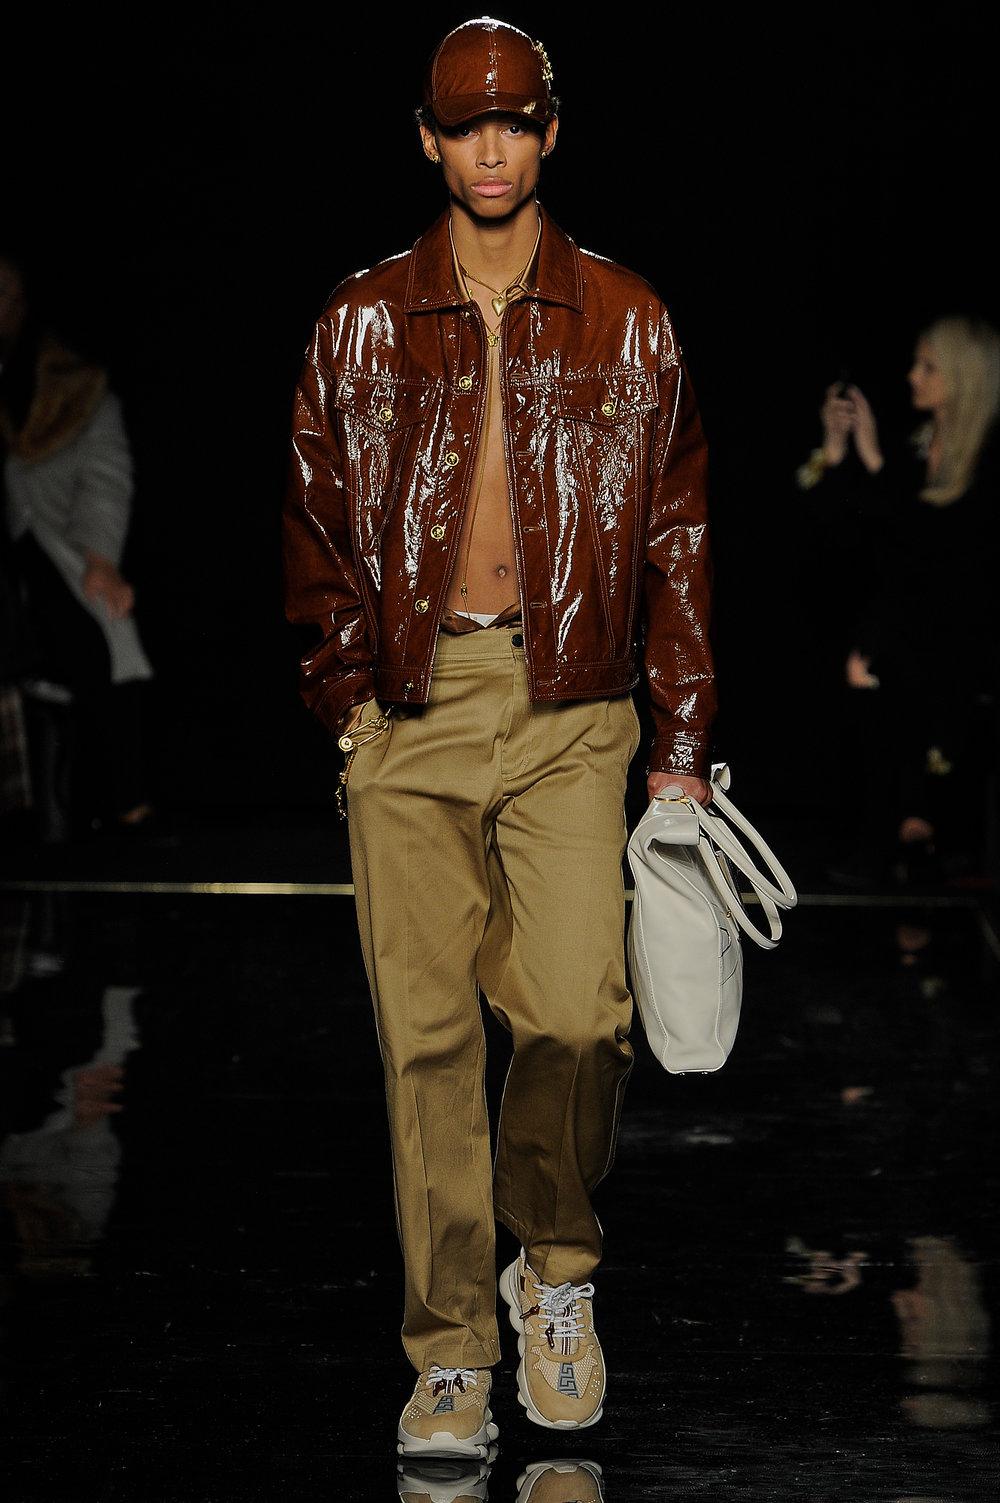 Versace_4_78_versace_runway_runway_00004.jpg